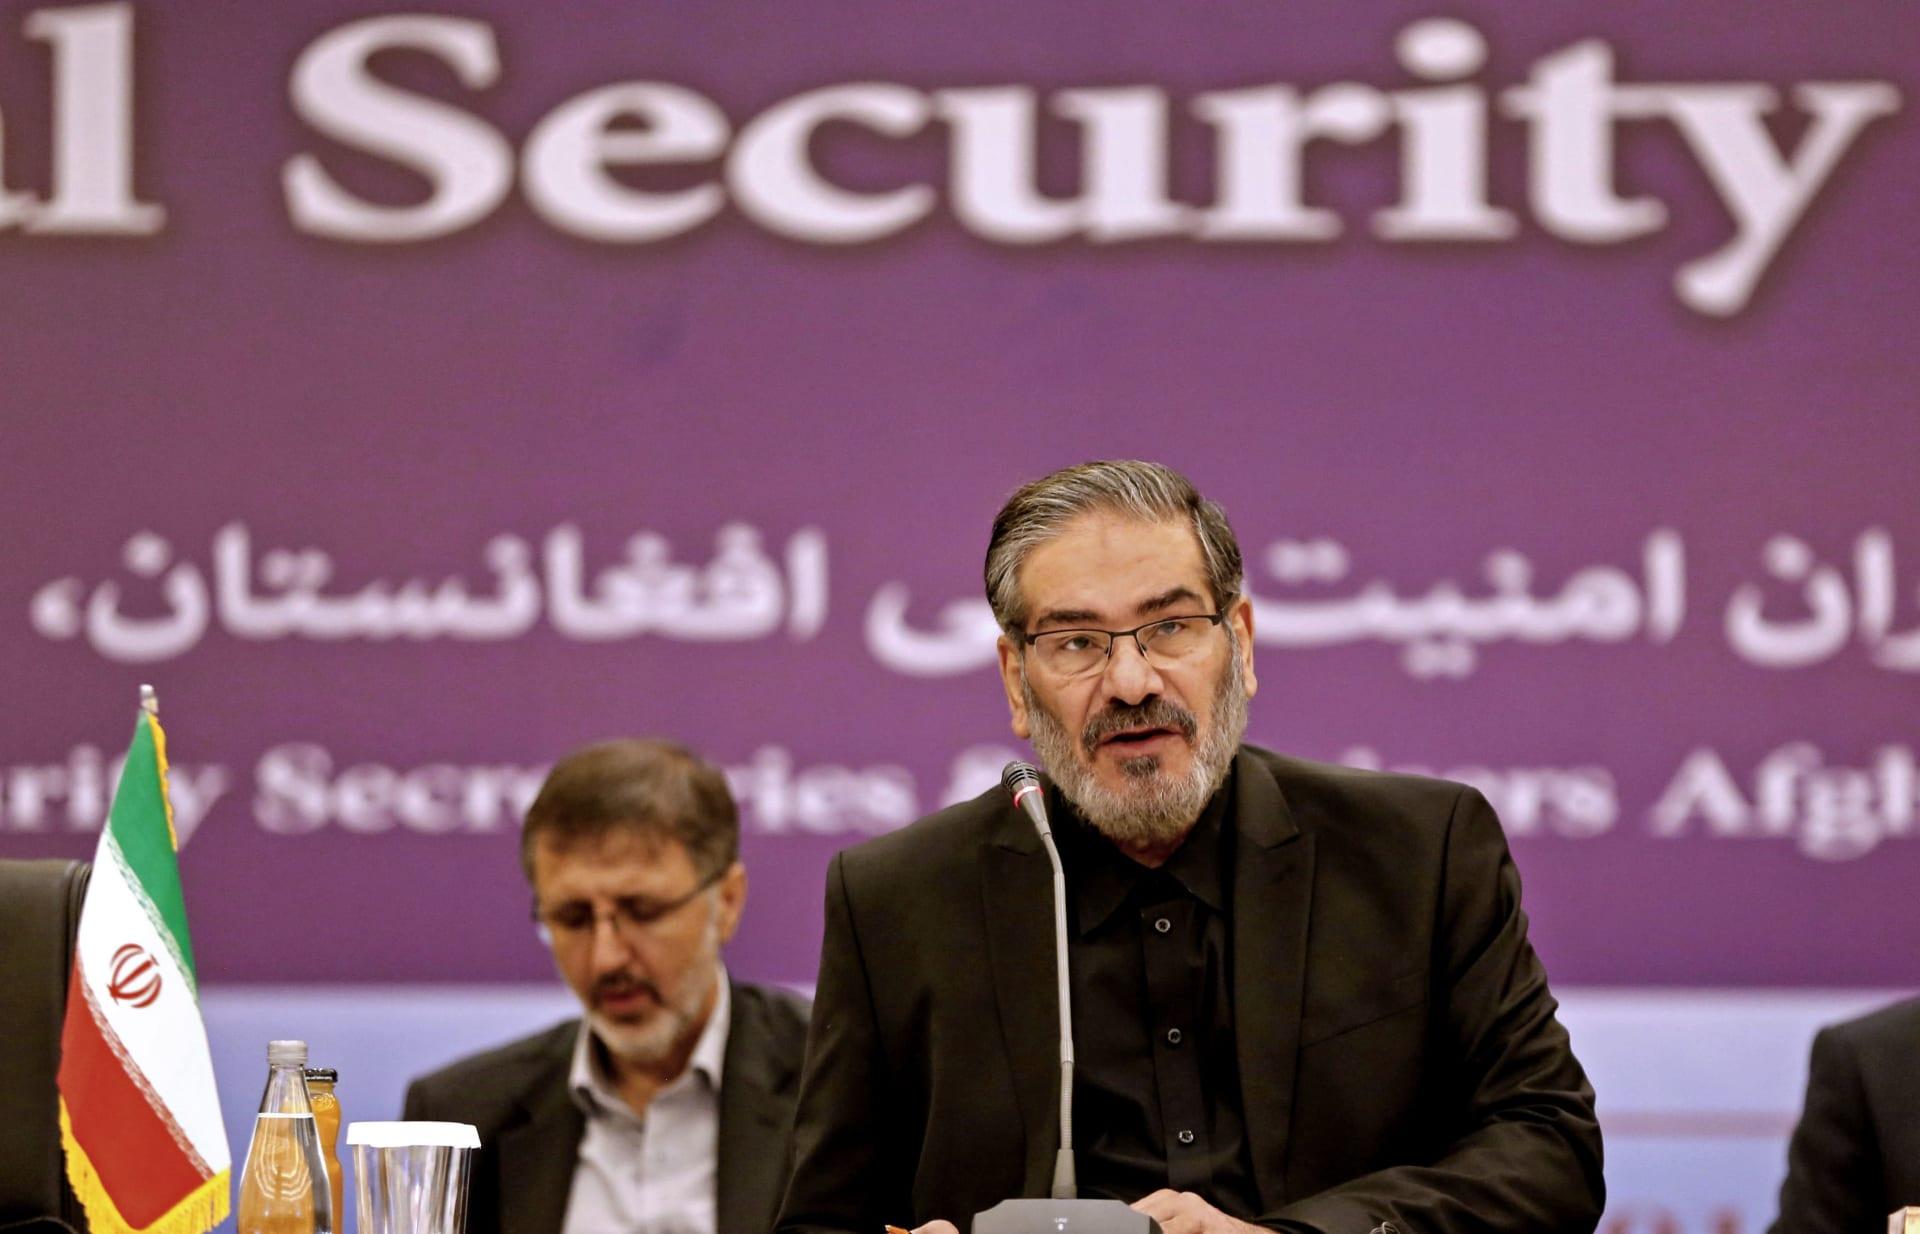 """مسؤول إيران يحذر من استخدام """"أموال النفط"""" لتنفيذ مشاريع نووية"""